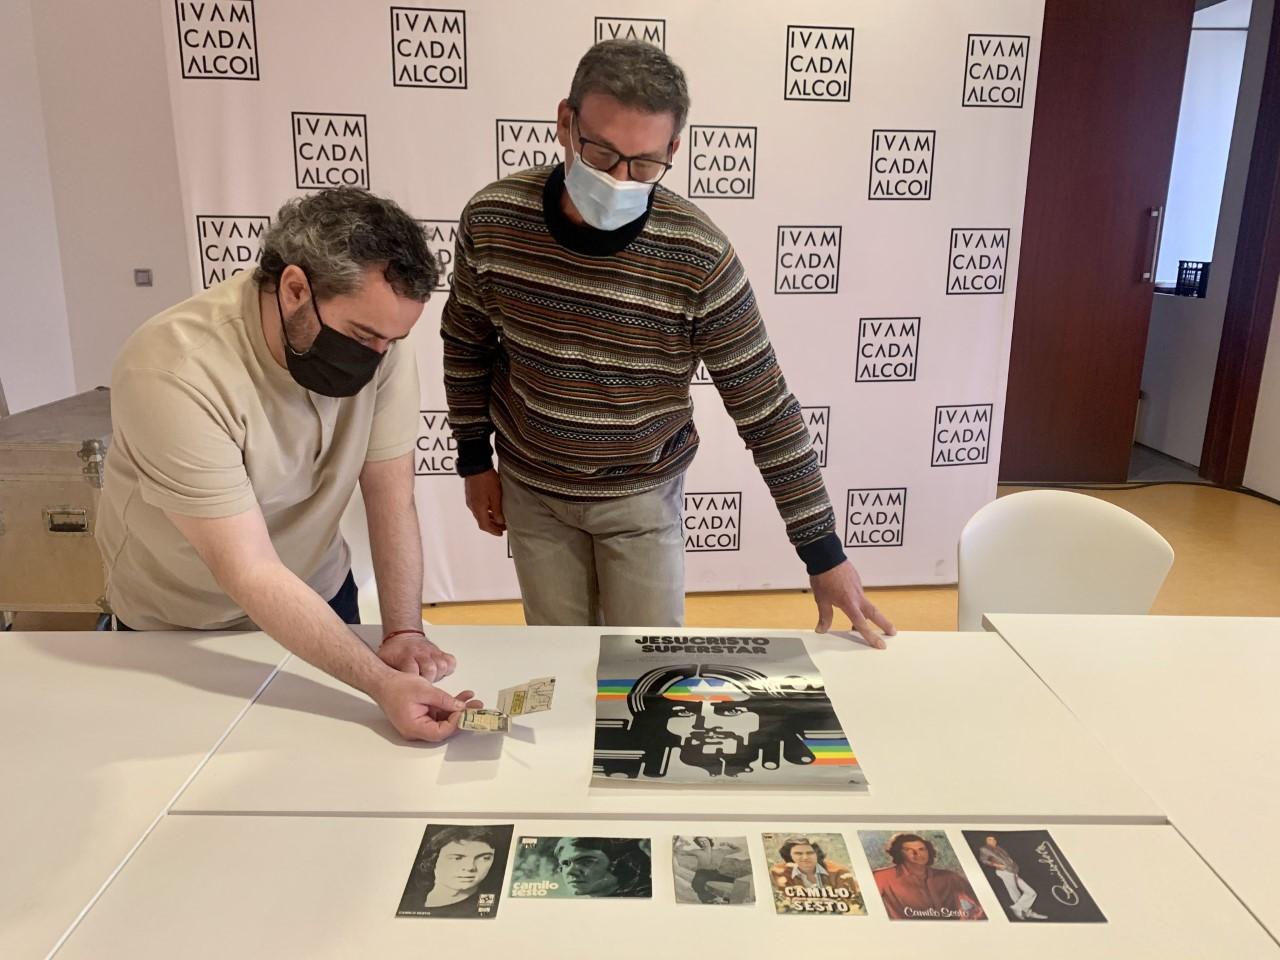 Donación objetos museo camilo sexto alcoi